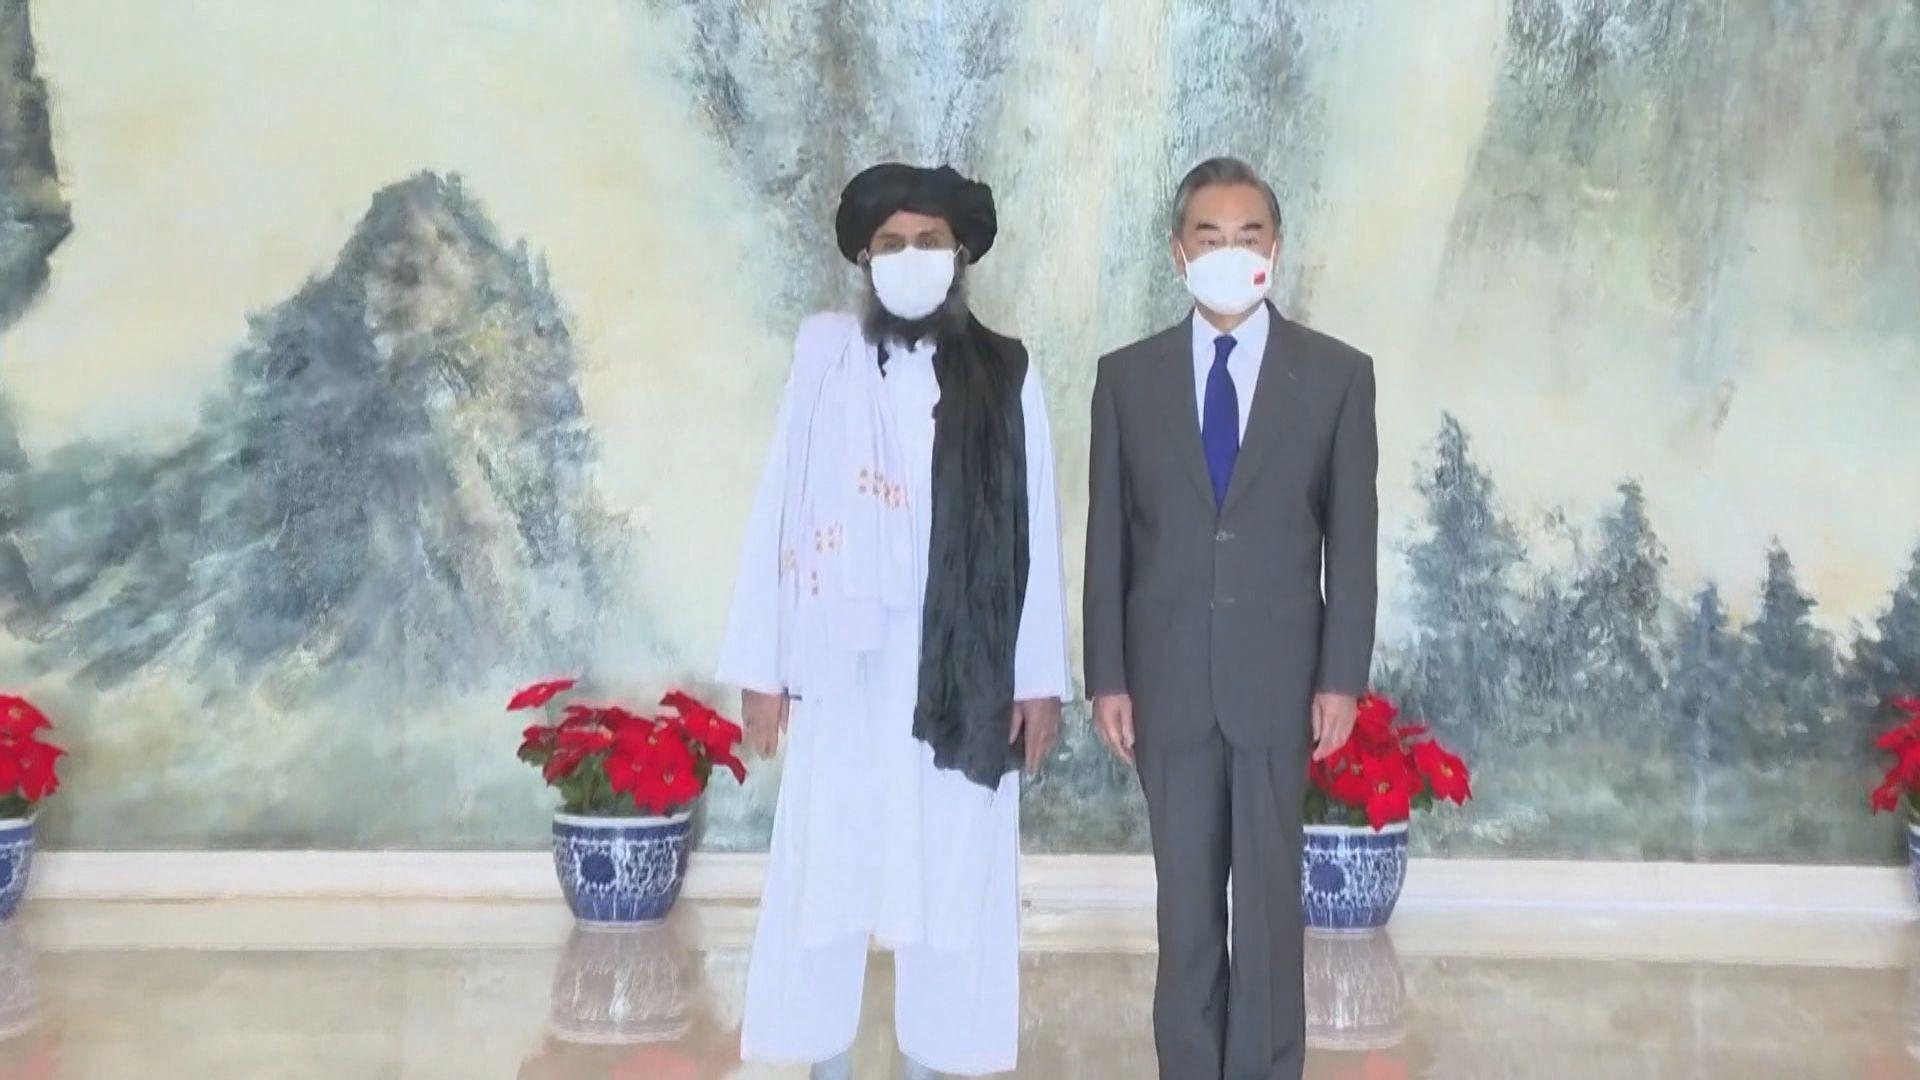 王毅指美國倉卒從阿富汗撤軍顯示其政策失敗